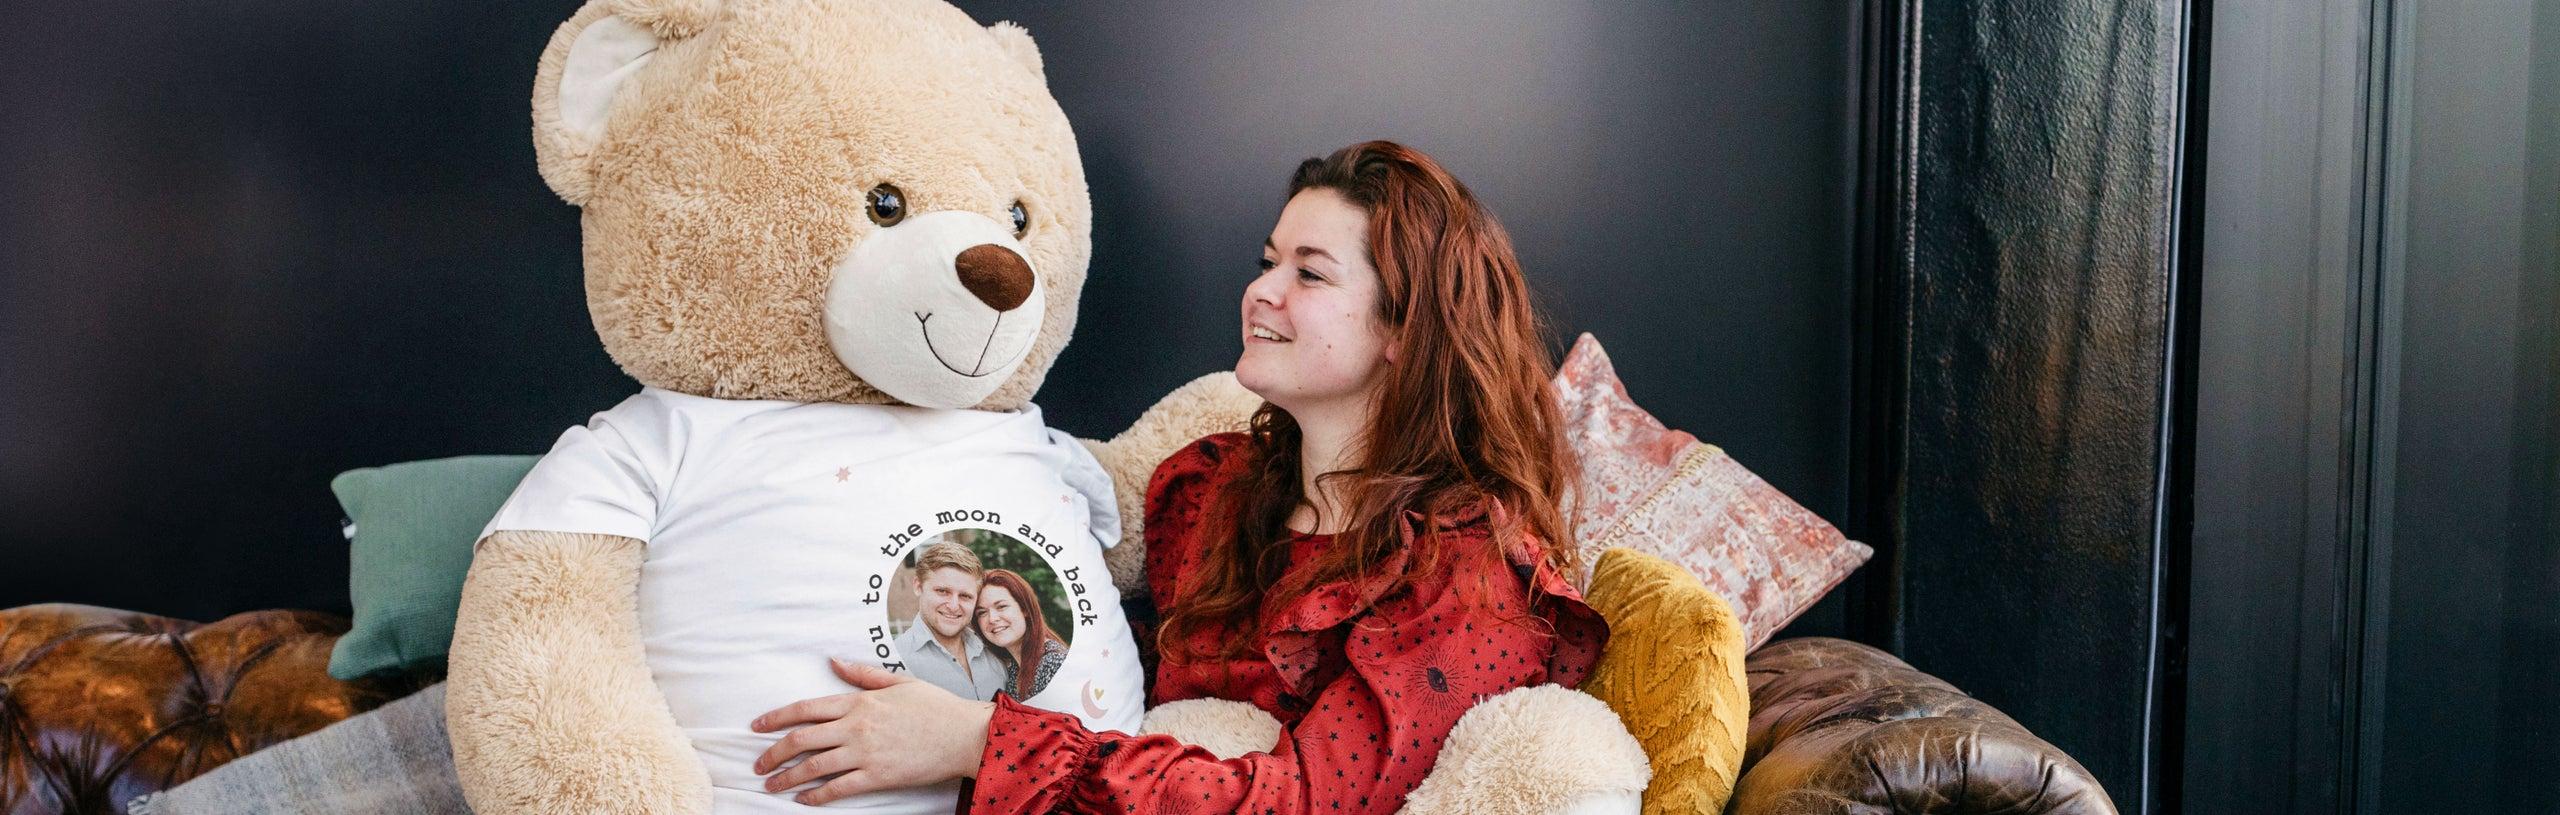 Darčeky na Valentína pre ňu